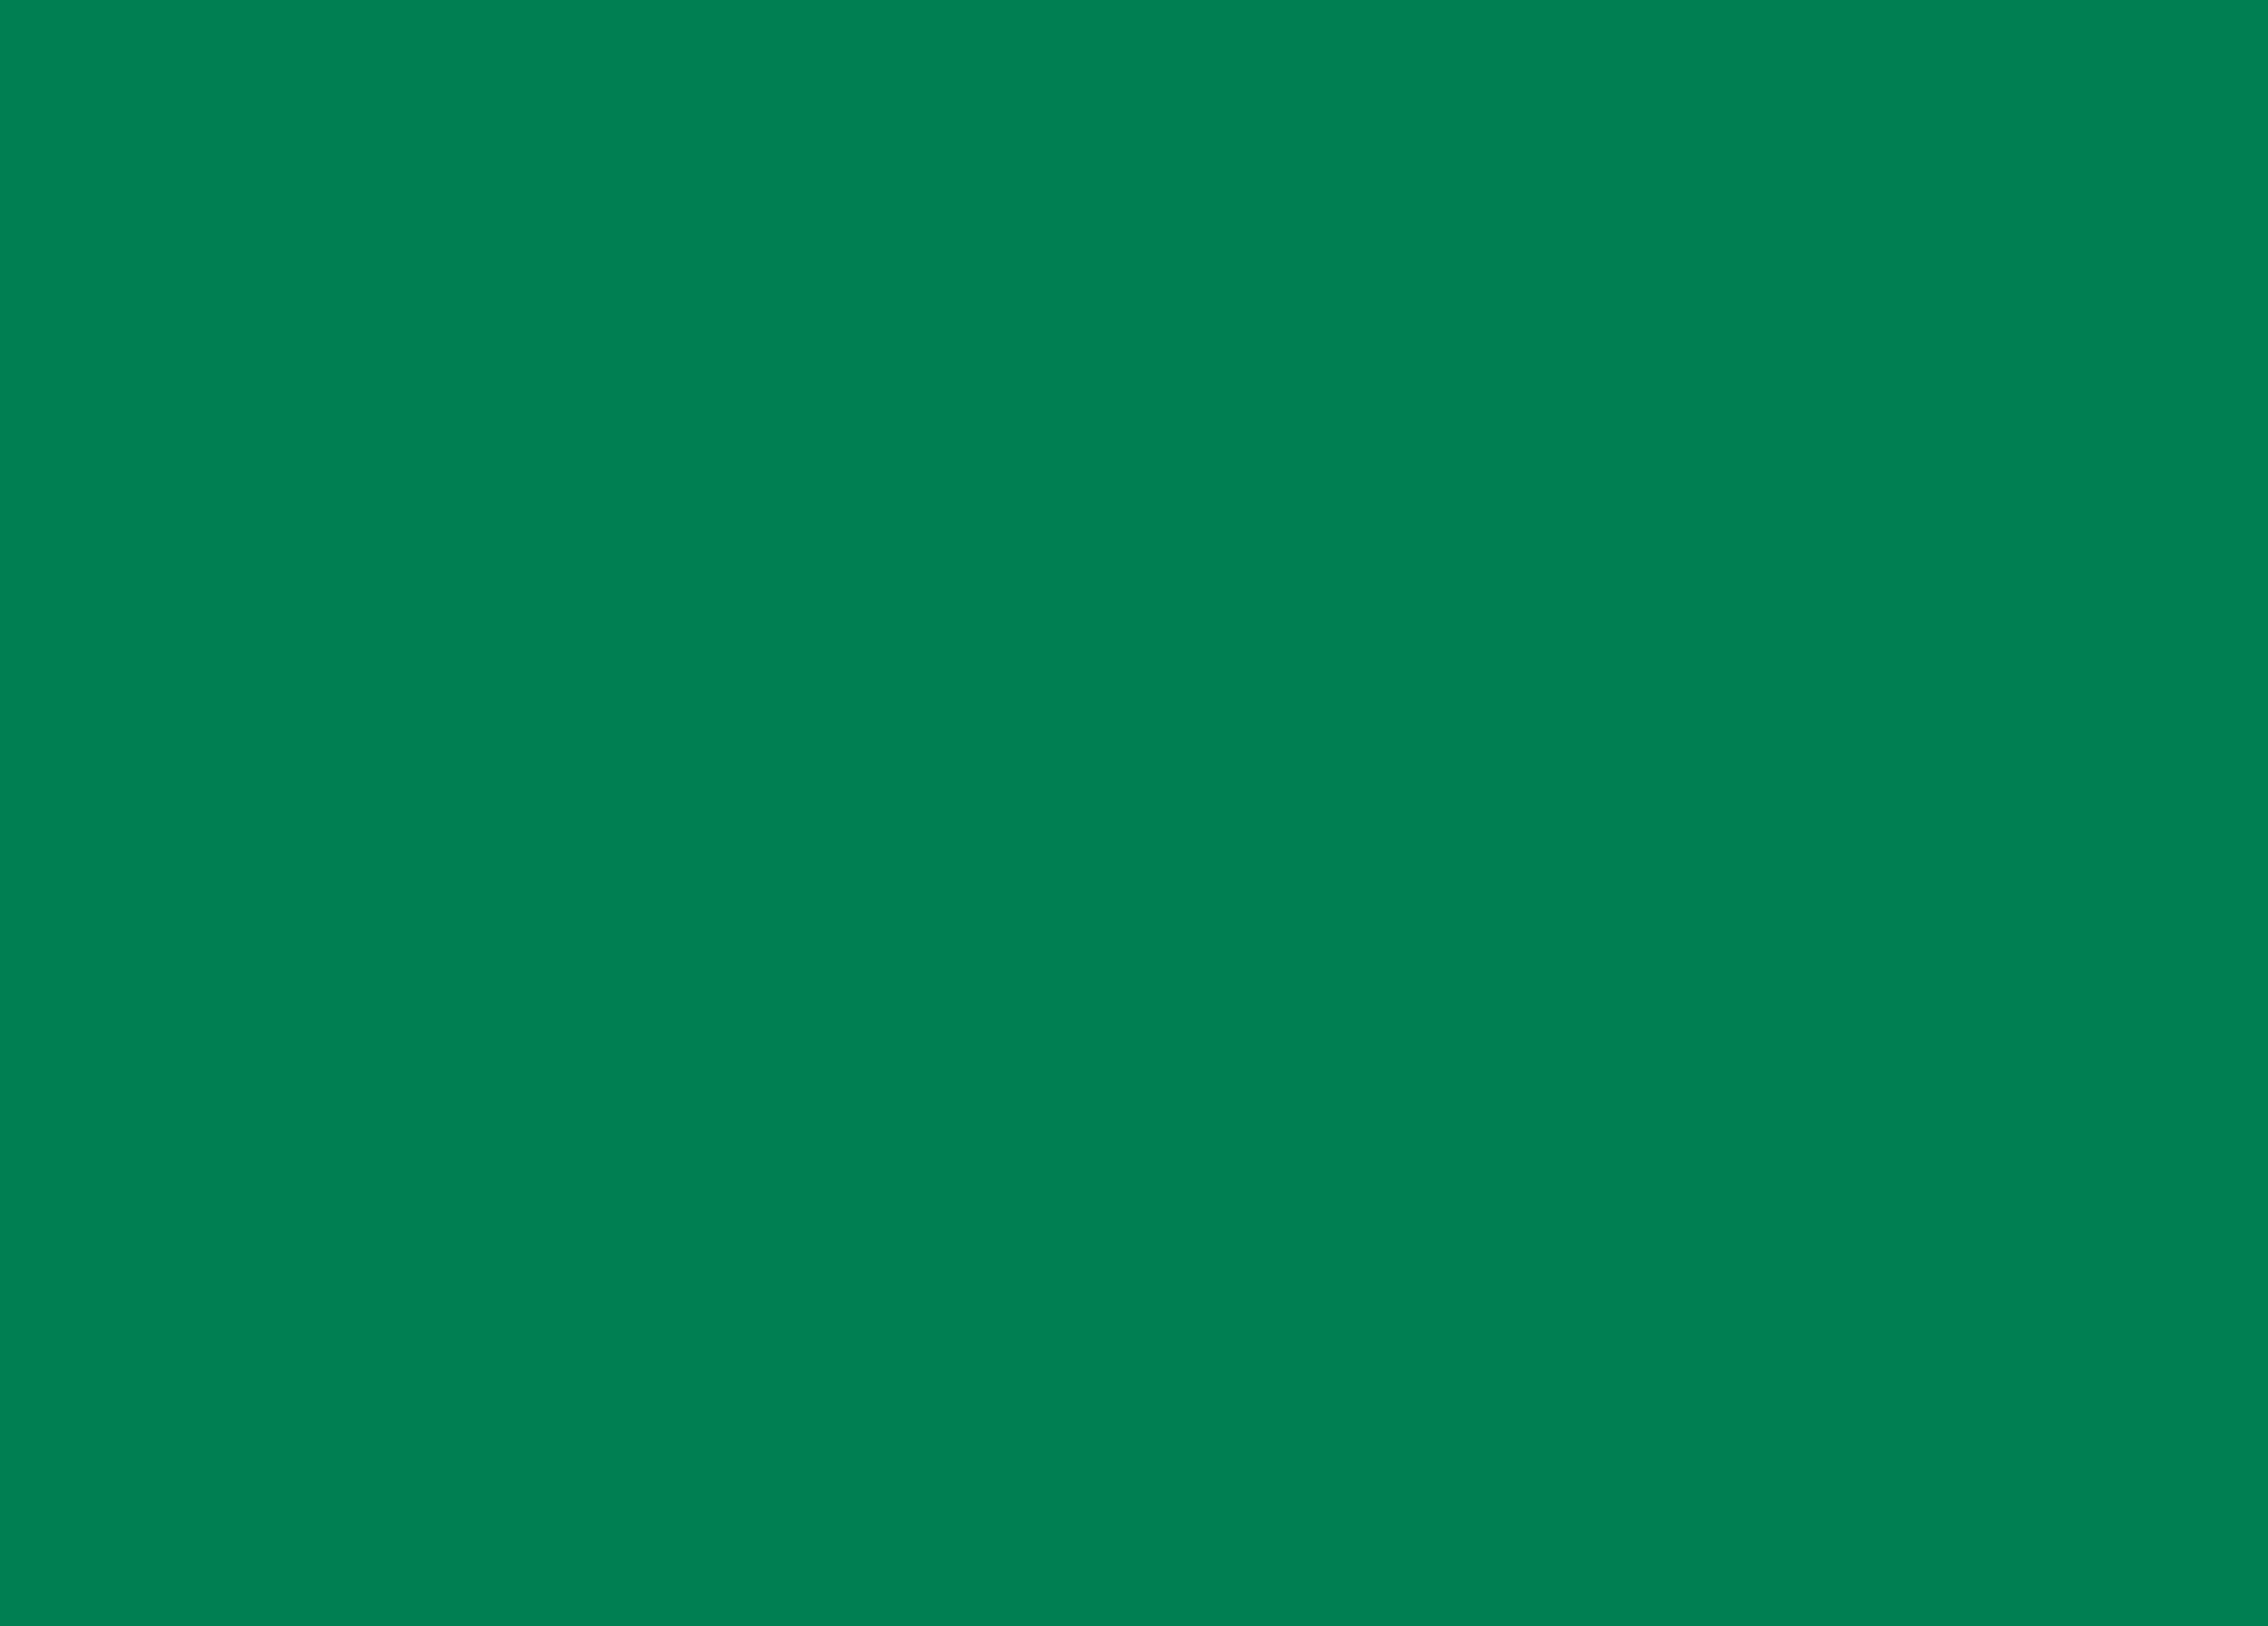 Verde - 11066